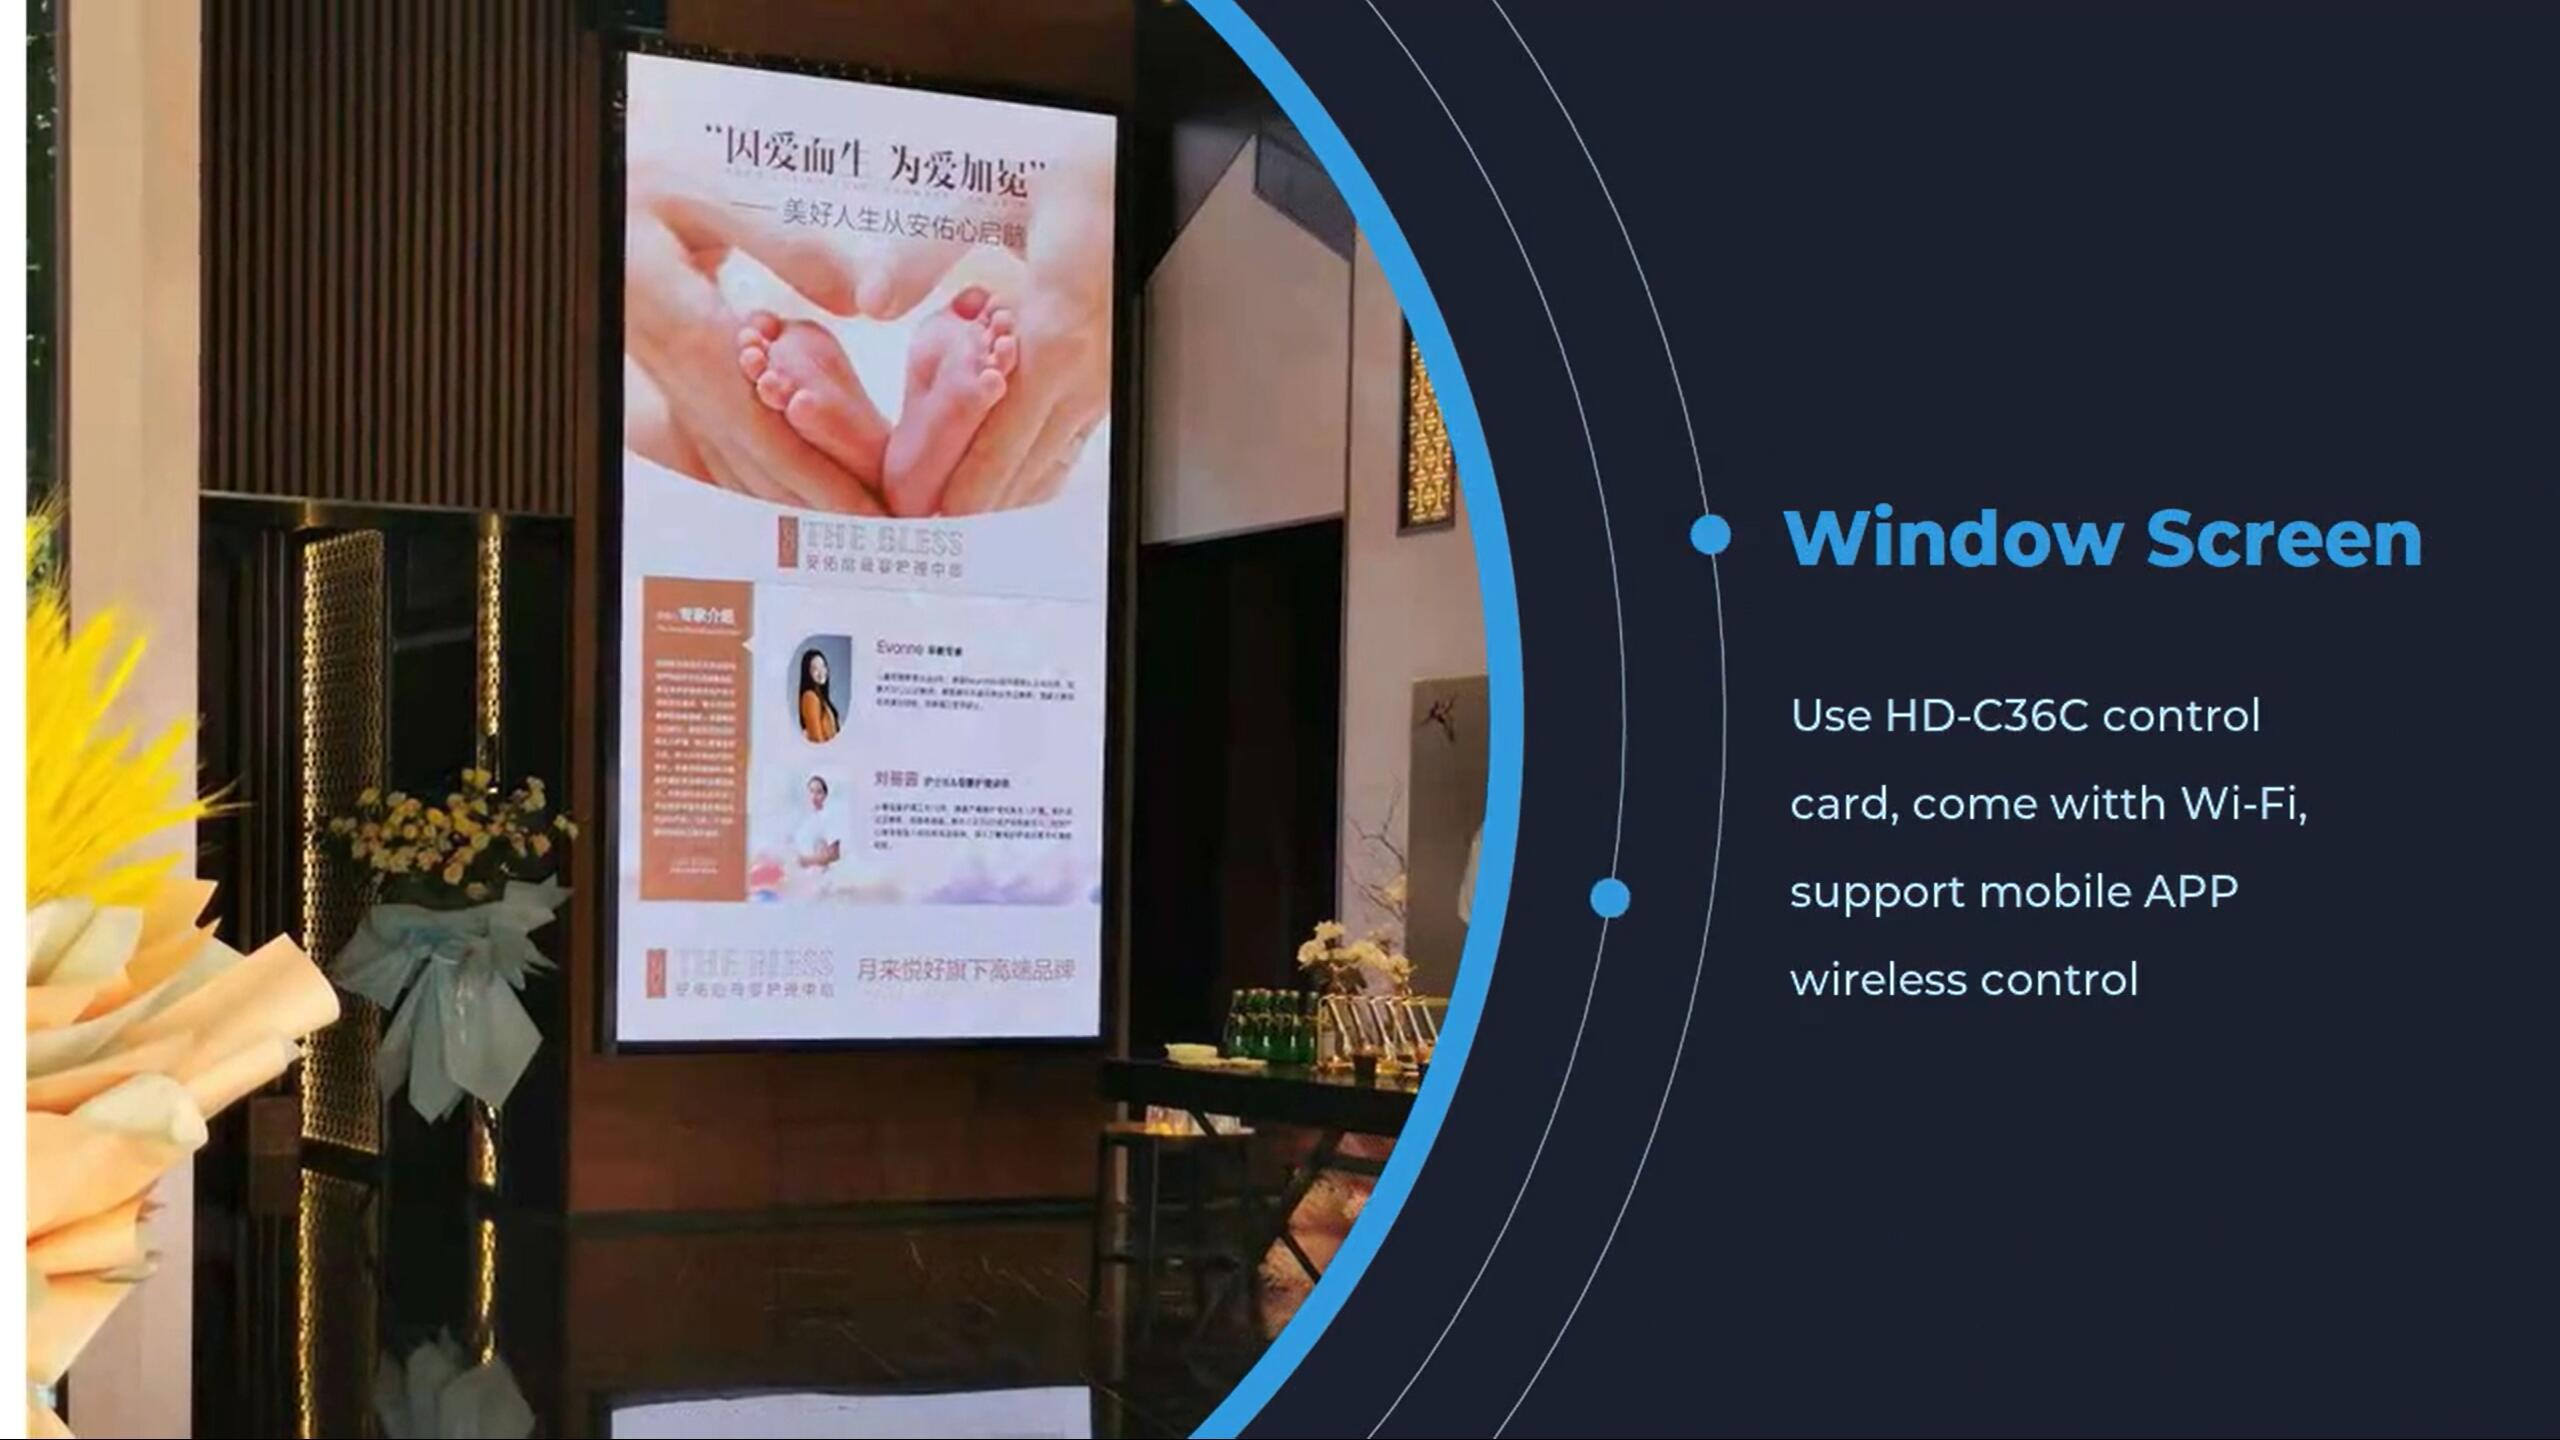 Angewendet auf LED-Showcase-Bildschirm und ultra lange LED-Anzeige mit Huidu C36C